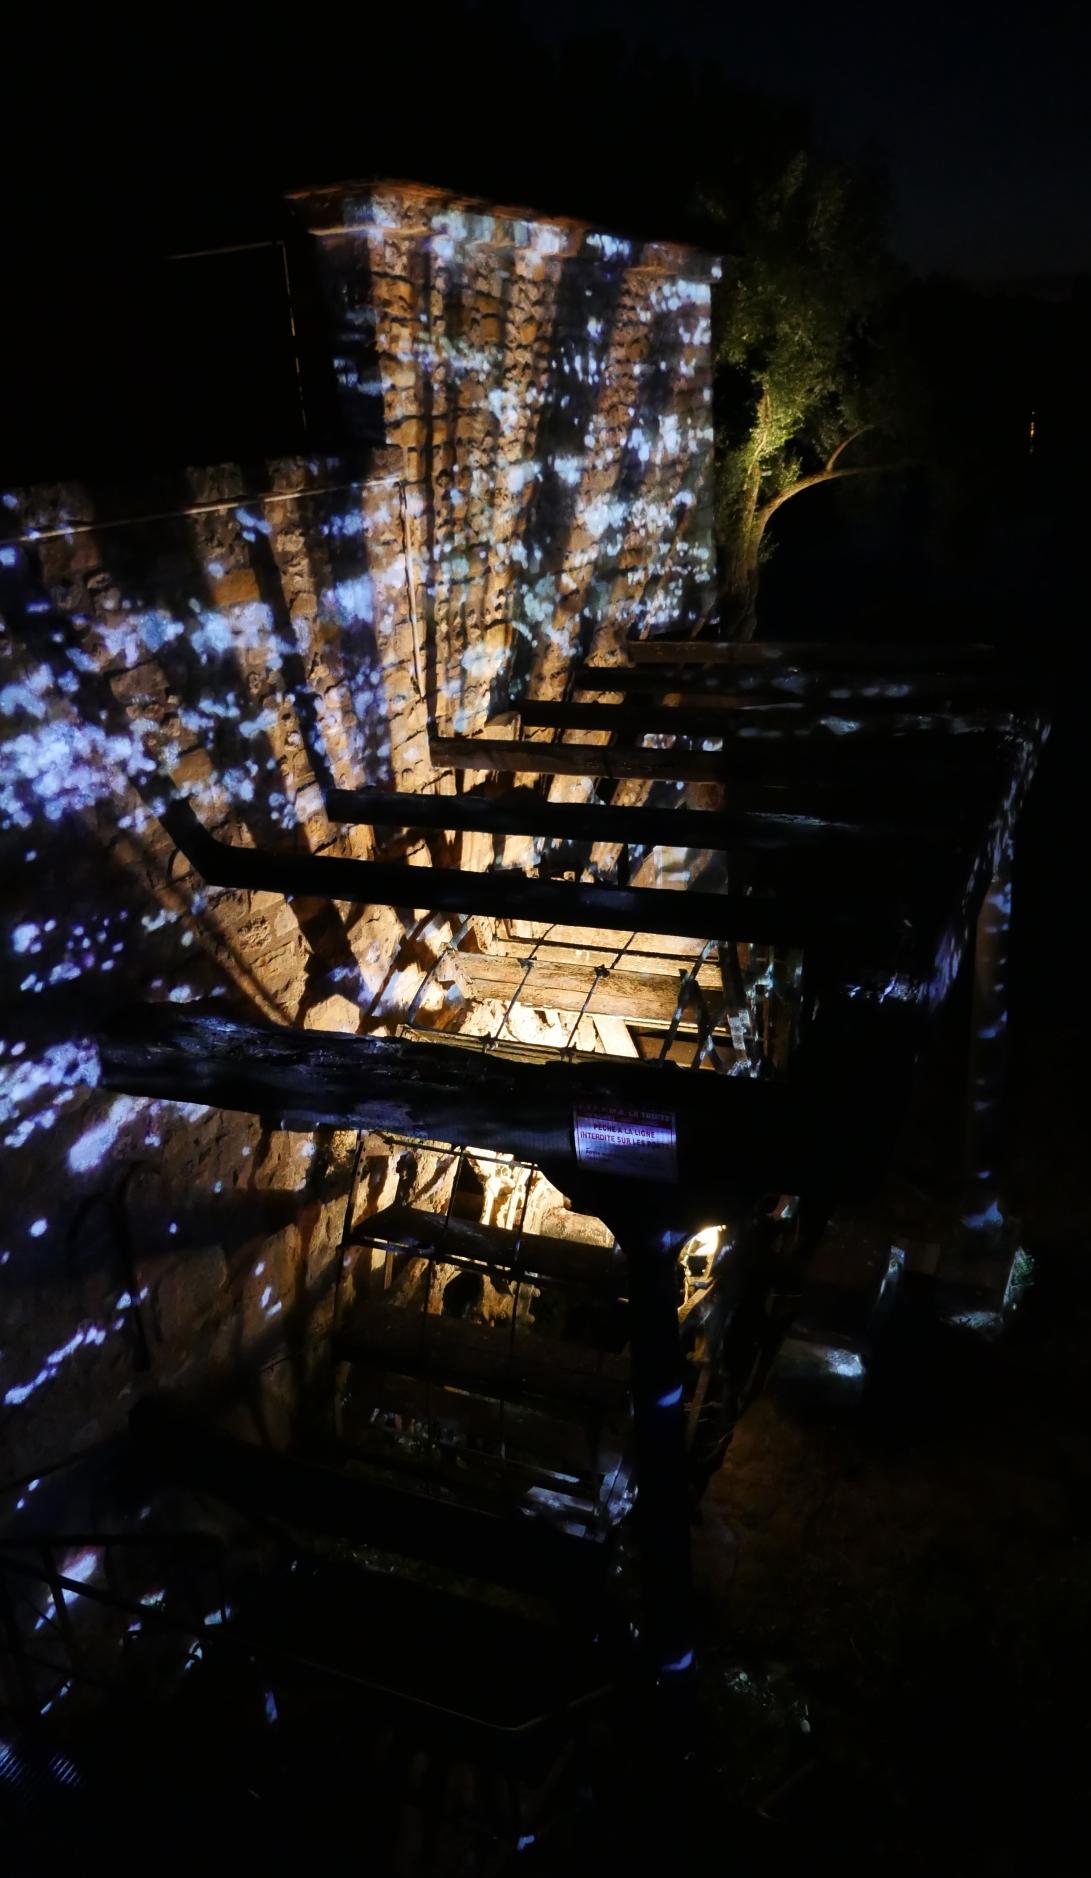 moret sur loing reflets julia dantonnet creation lumiere video 8